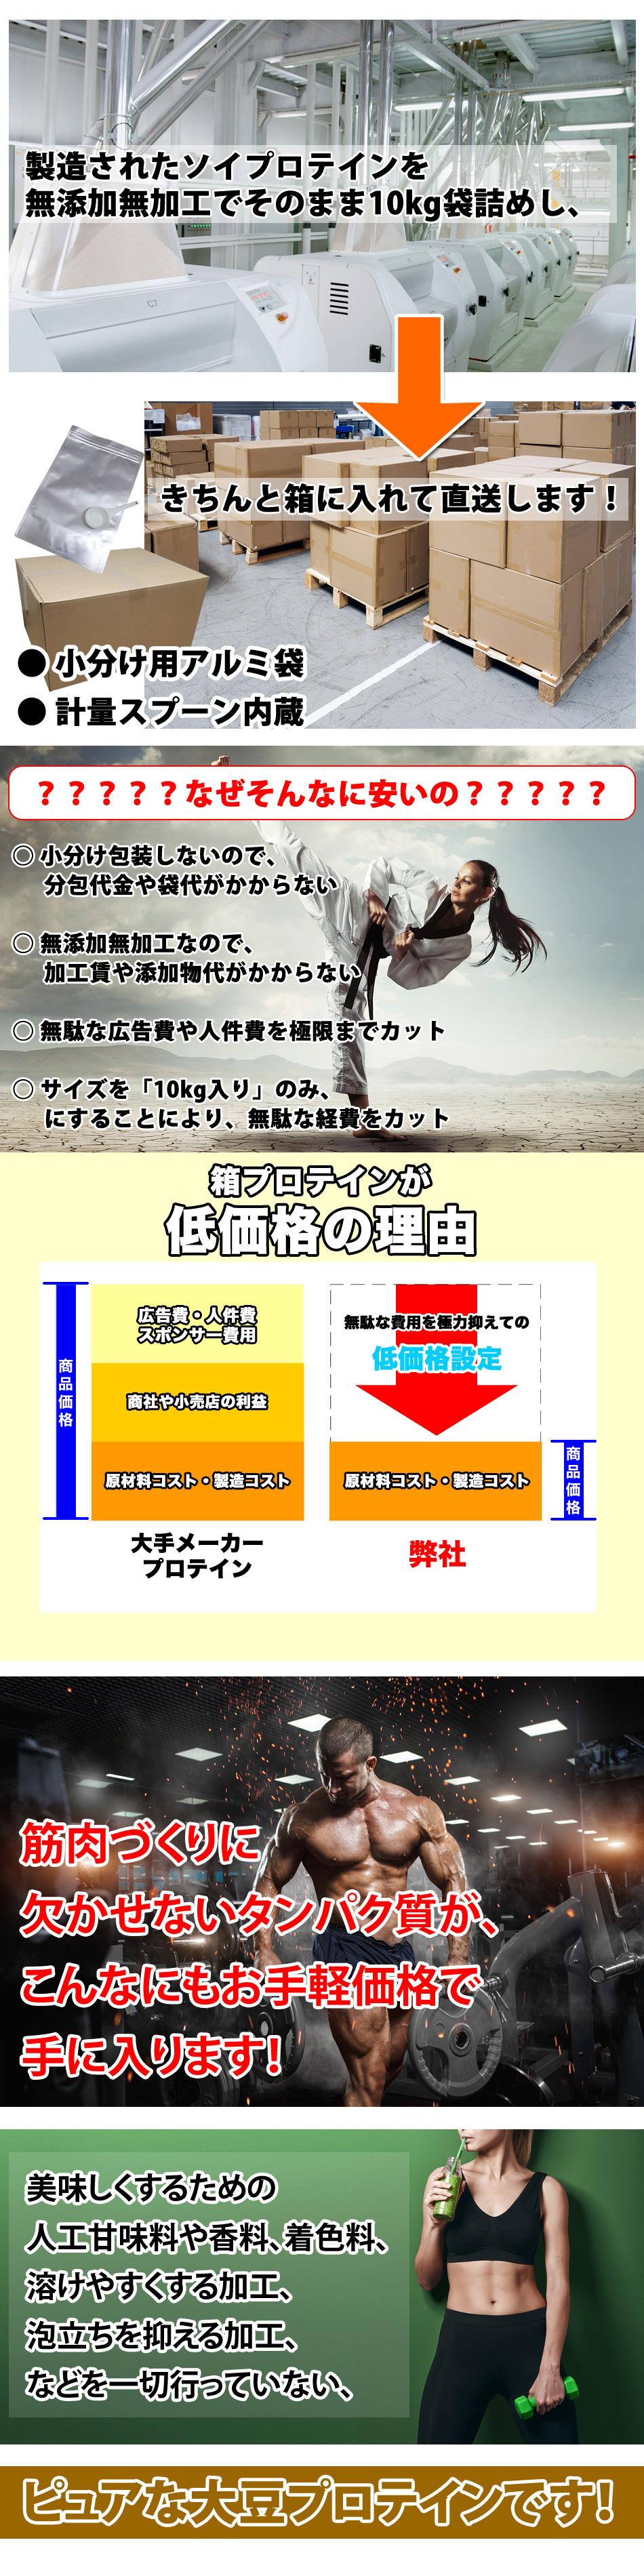 ピュア・ソイプロテイン10kg_2